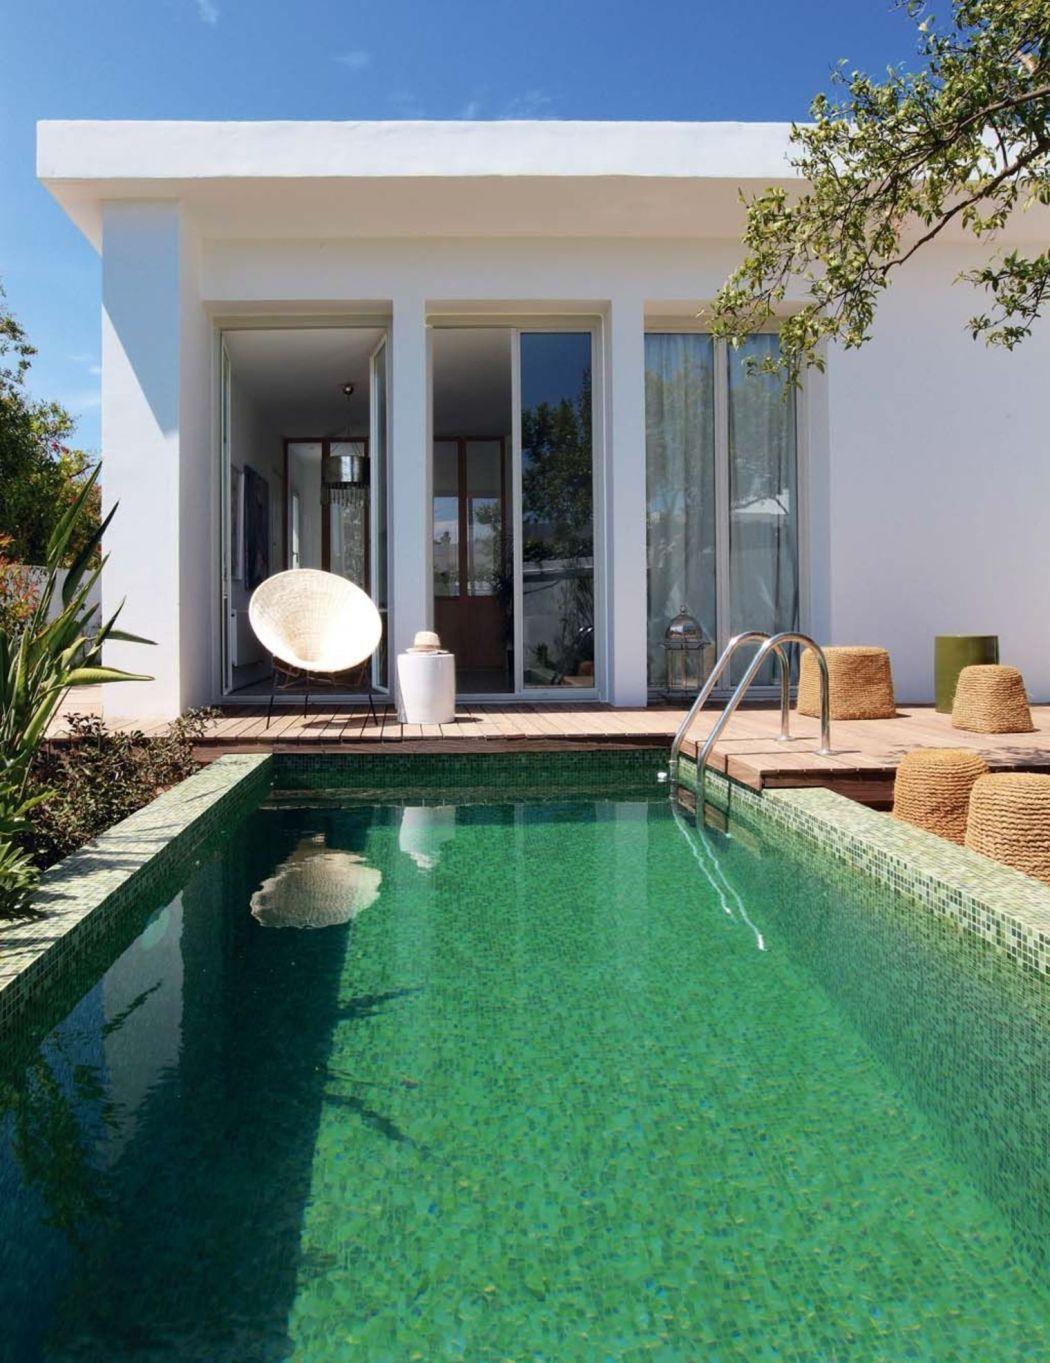 Visite déco | Rénovation : place aux carreaux de ciment dans la salle à manger avec vue sur la petite piscine naturelle (bassin) | @decocrush - www.decocrush.fr